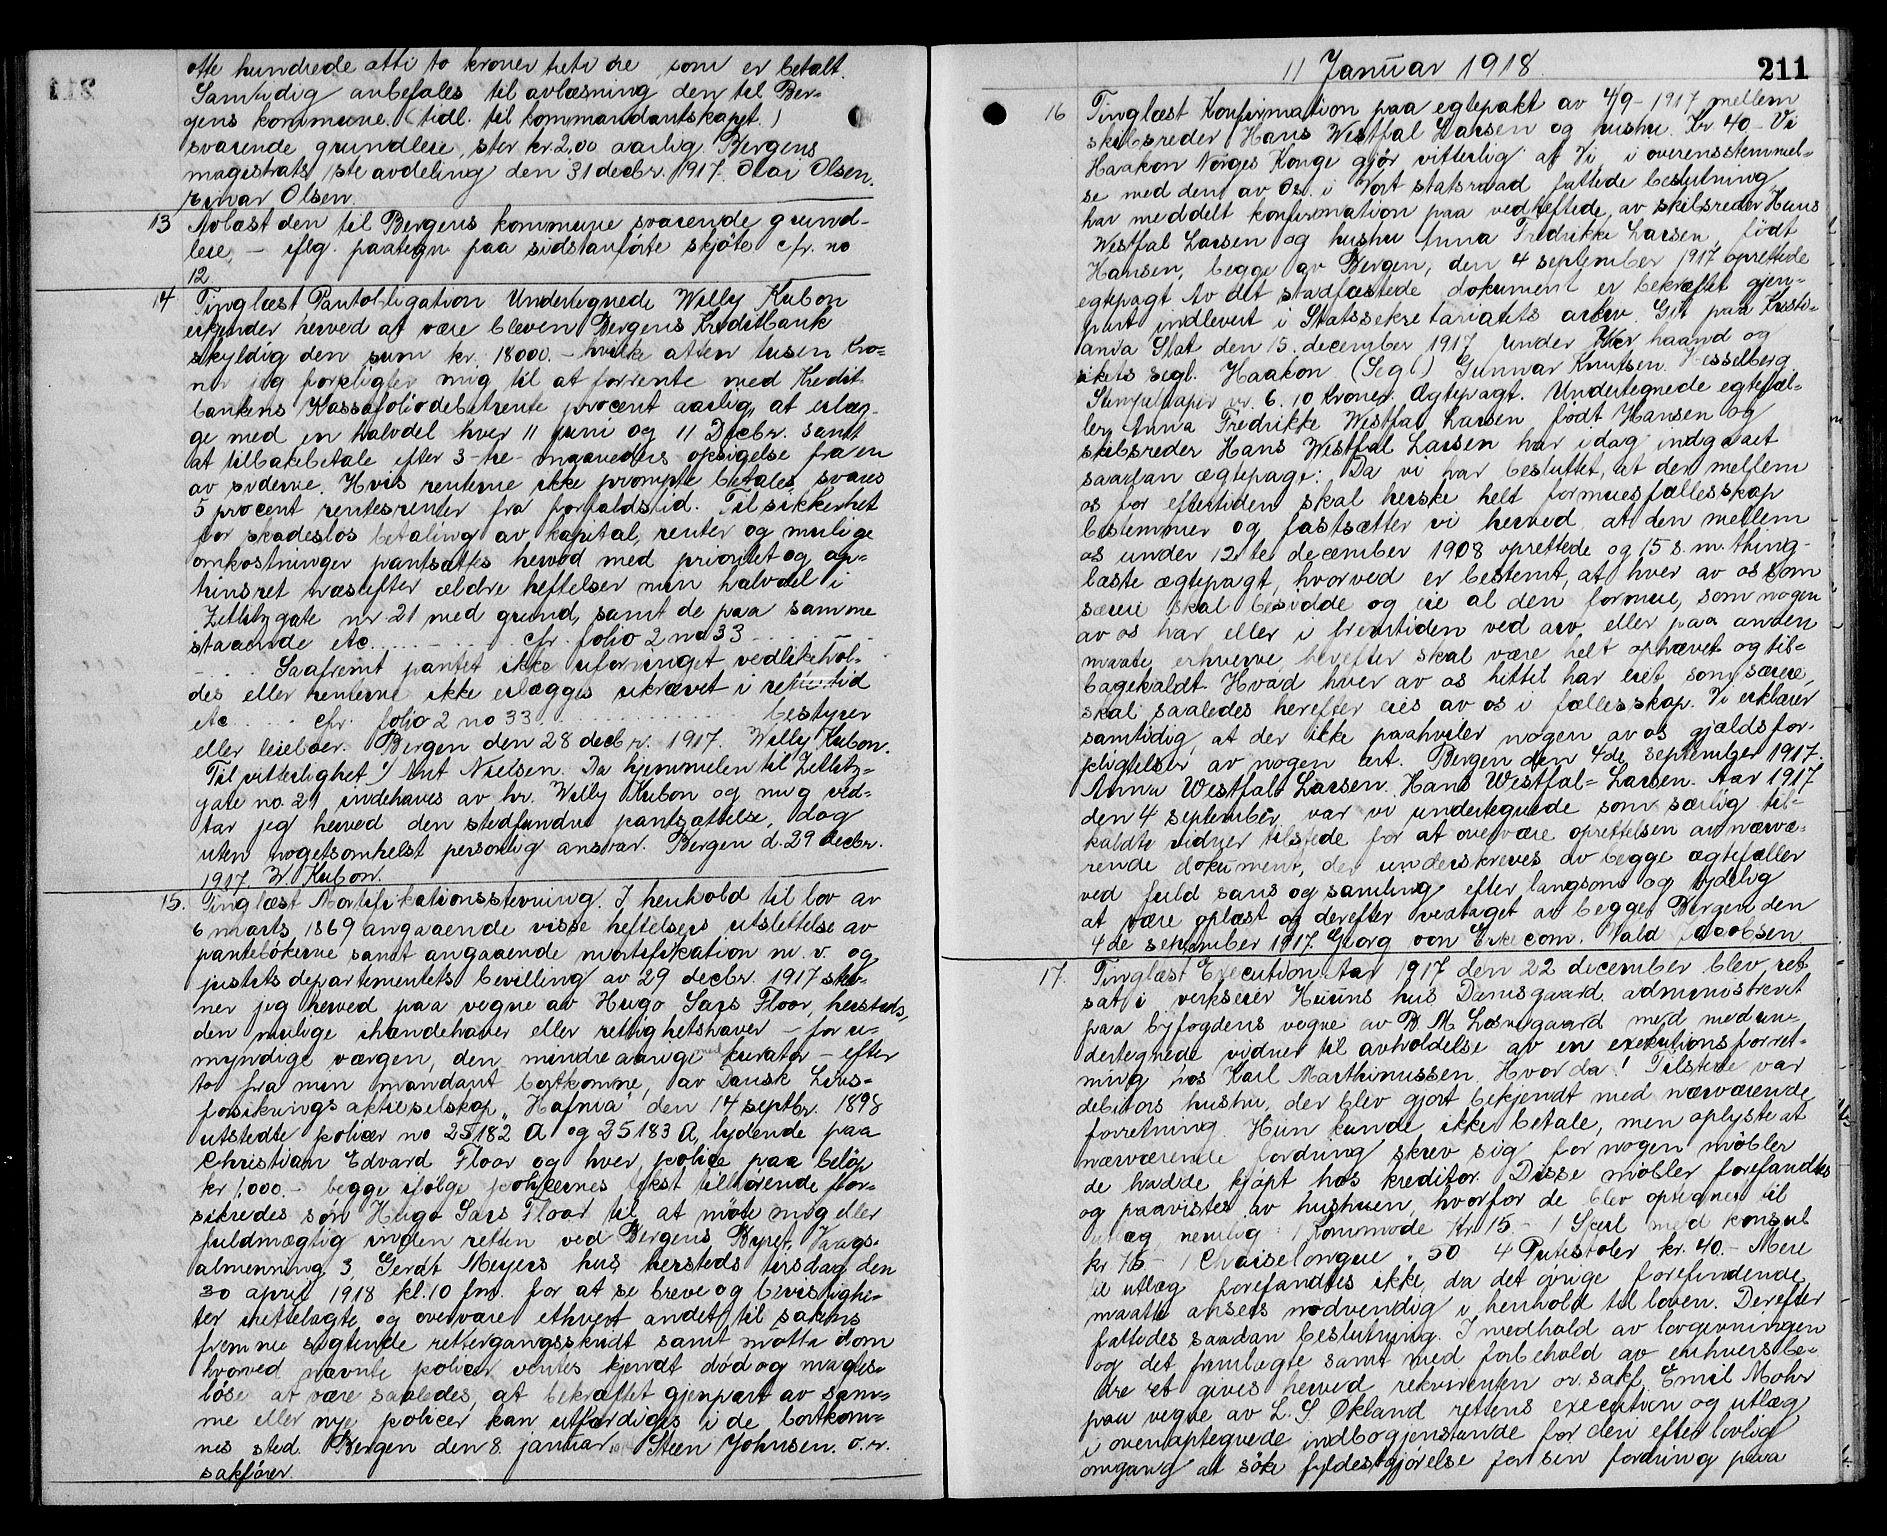 SAB, Byfogd og Byskriver i Bergen, 03/03Ba/L0078: Pantebok nr. II.B.a.78, 1917-1918, s. 211